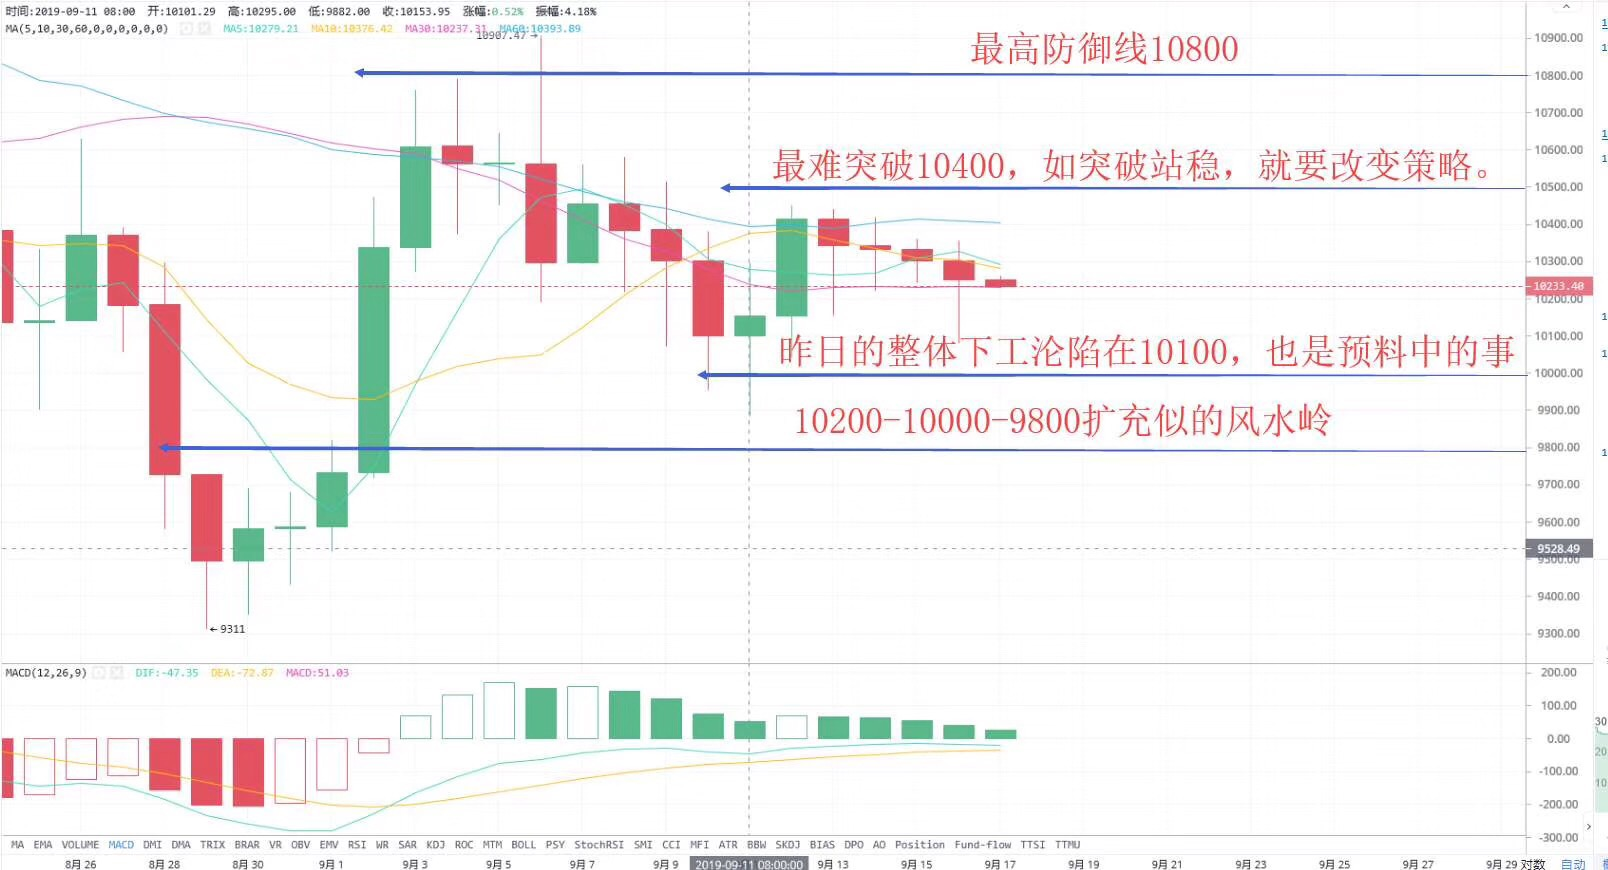 btc-BTC解析:昨日上行至10260后形成回调走势,下行跌破10200高分水界,止跌上下浮动100个点。今日继续延续昨日策略